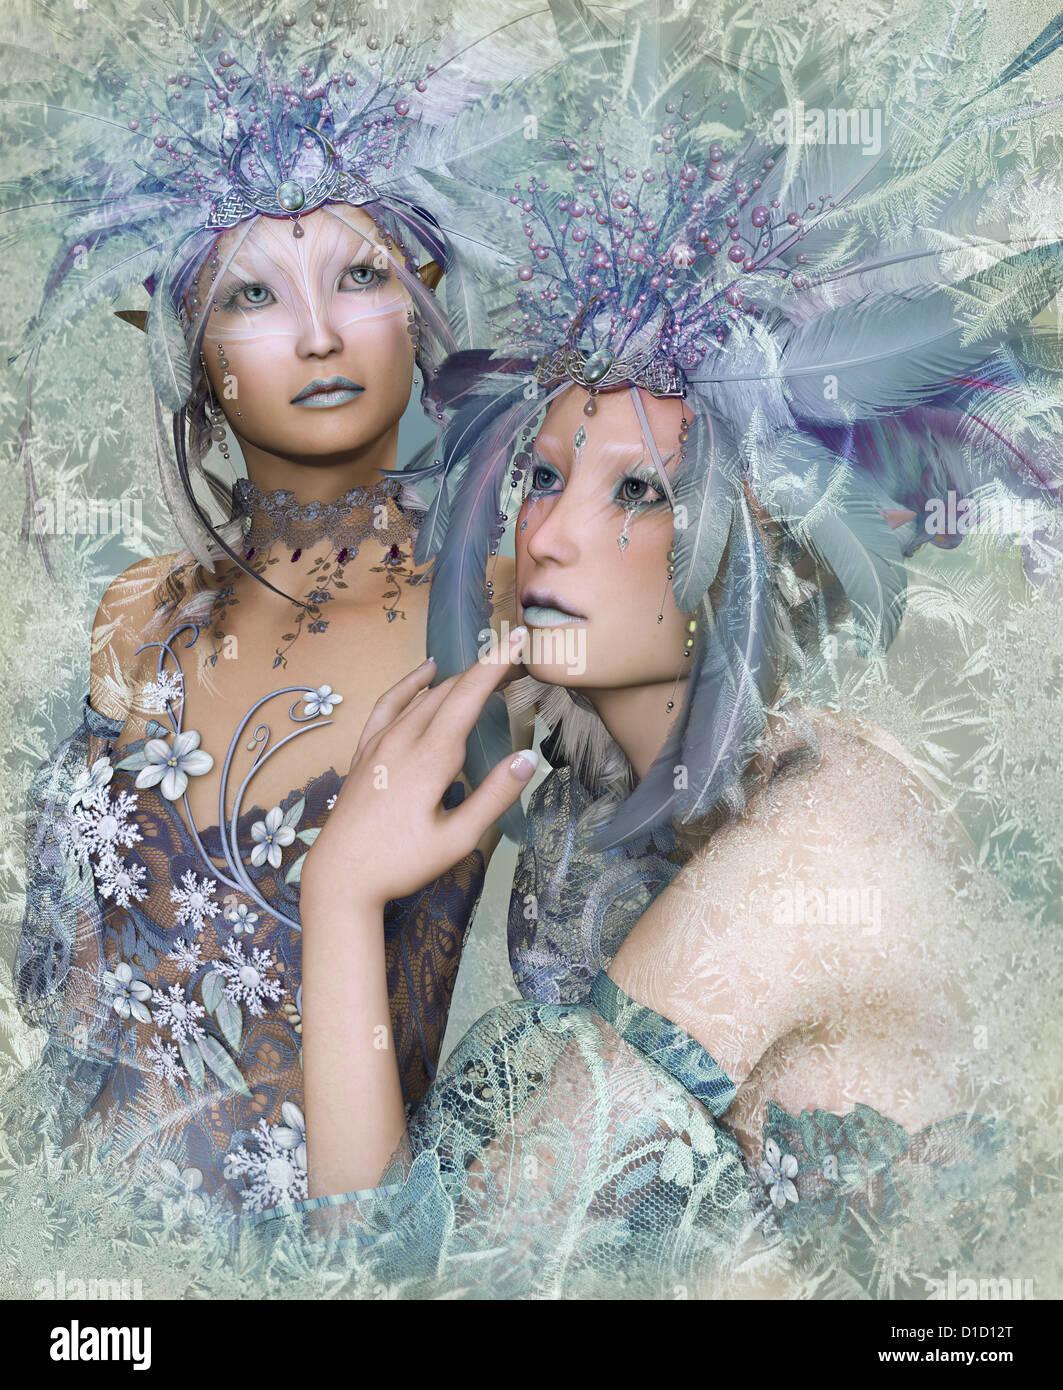 ein Porträt von zwei Winter-Elfen mit Feder Kronen Stockbild